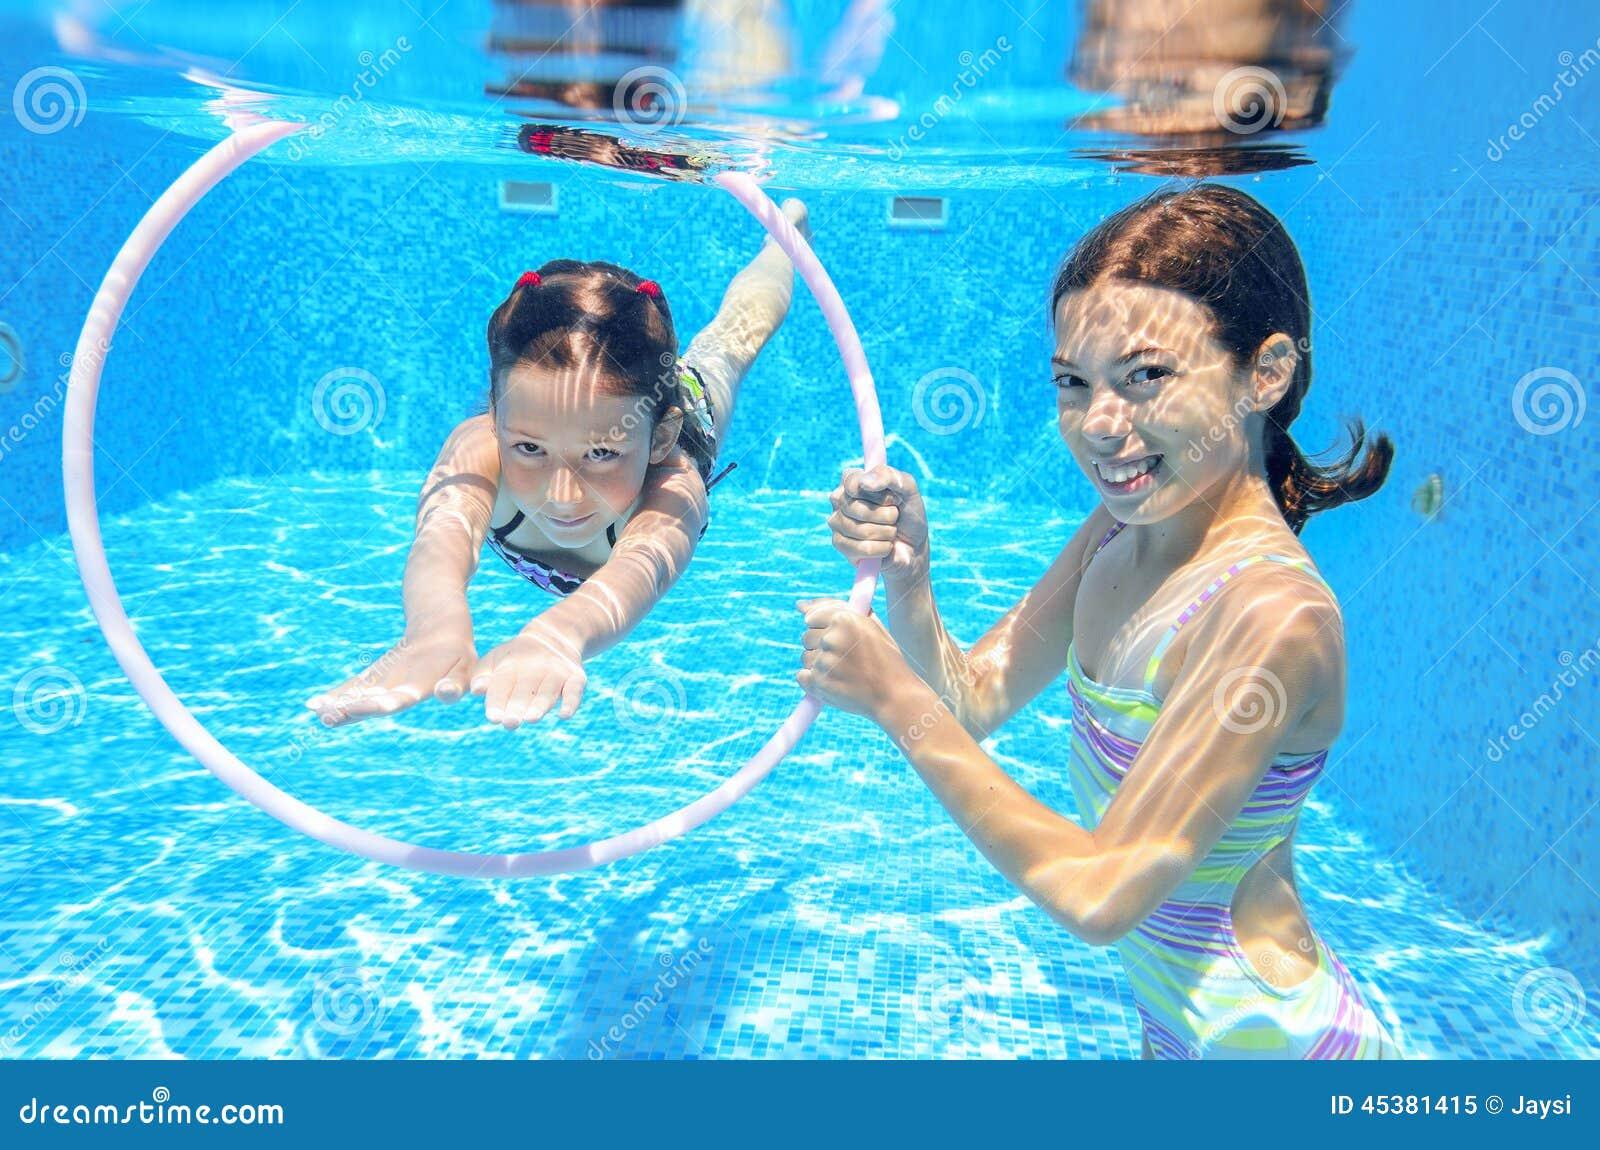 happy fun nude girls